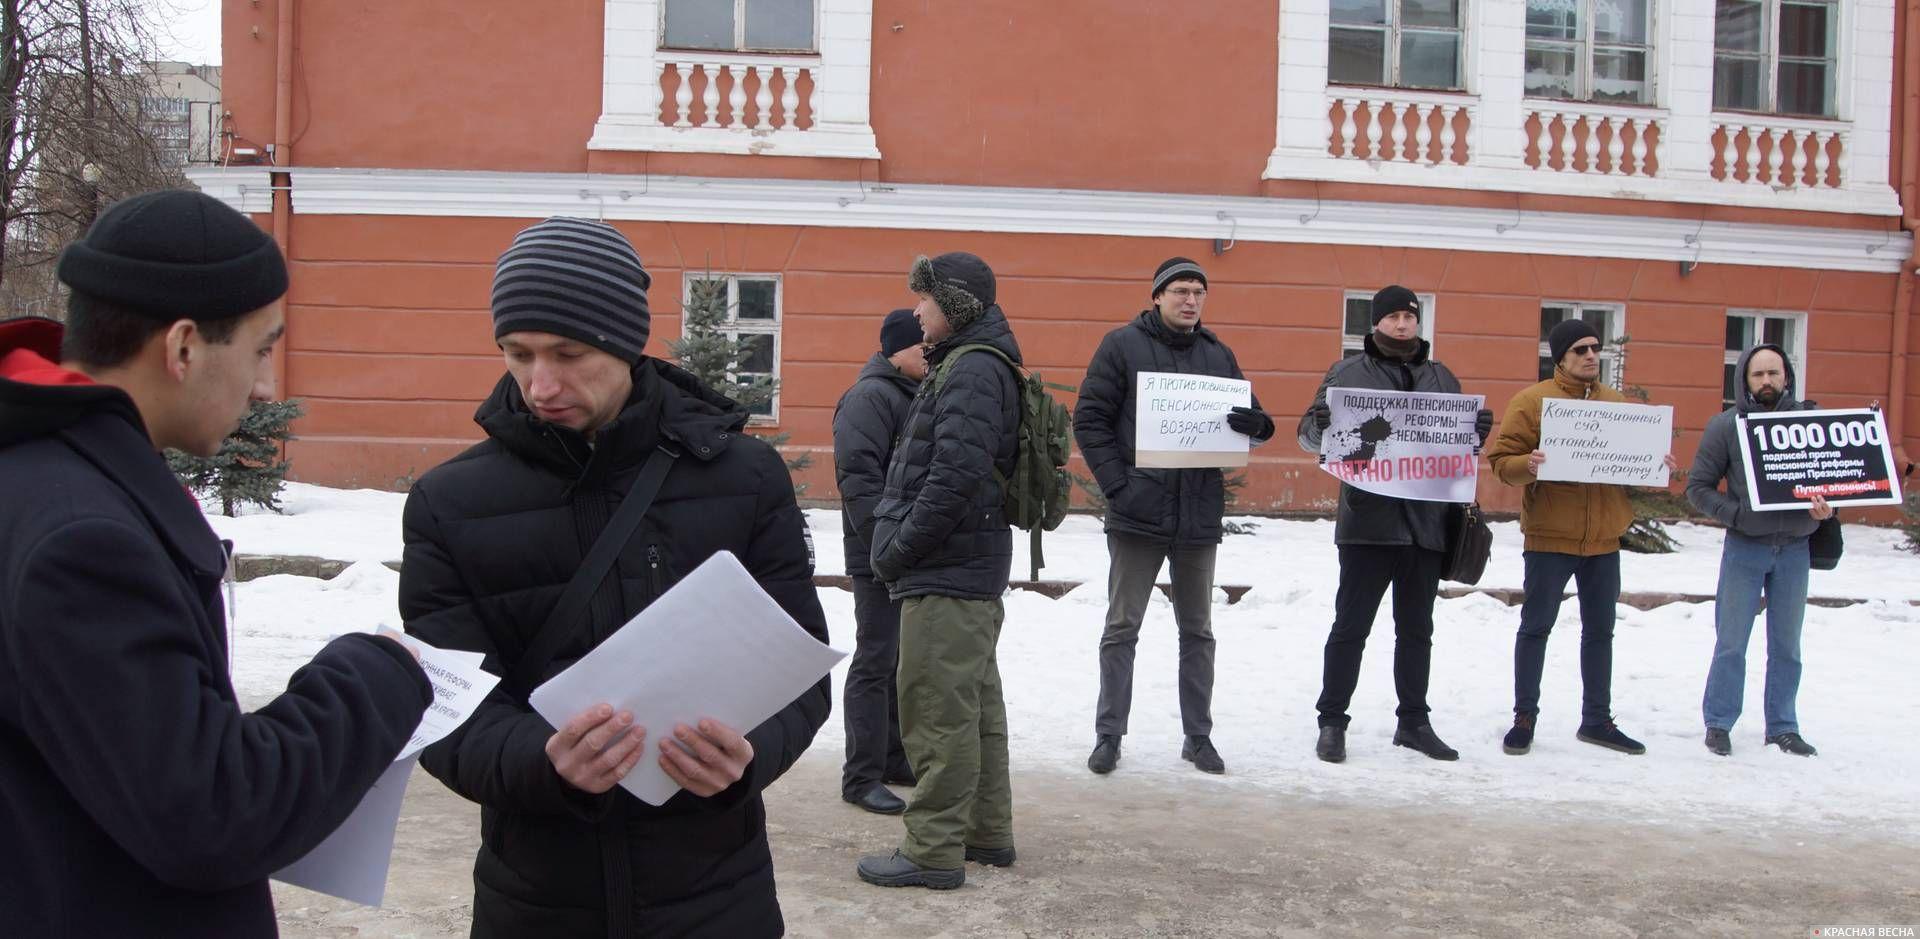 Пикет против пенсионной реформы. Воронеж. 03.03.2019